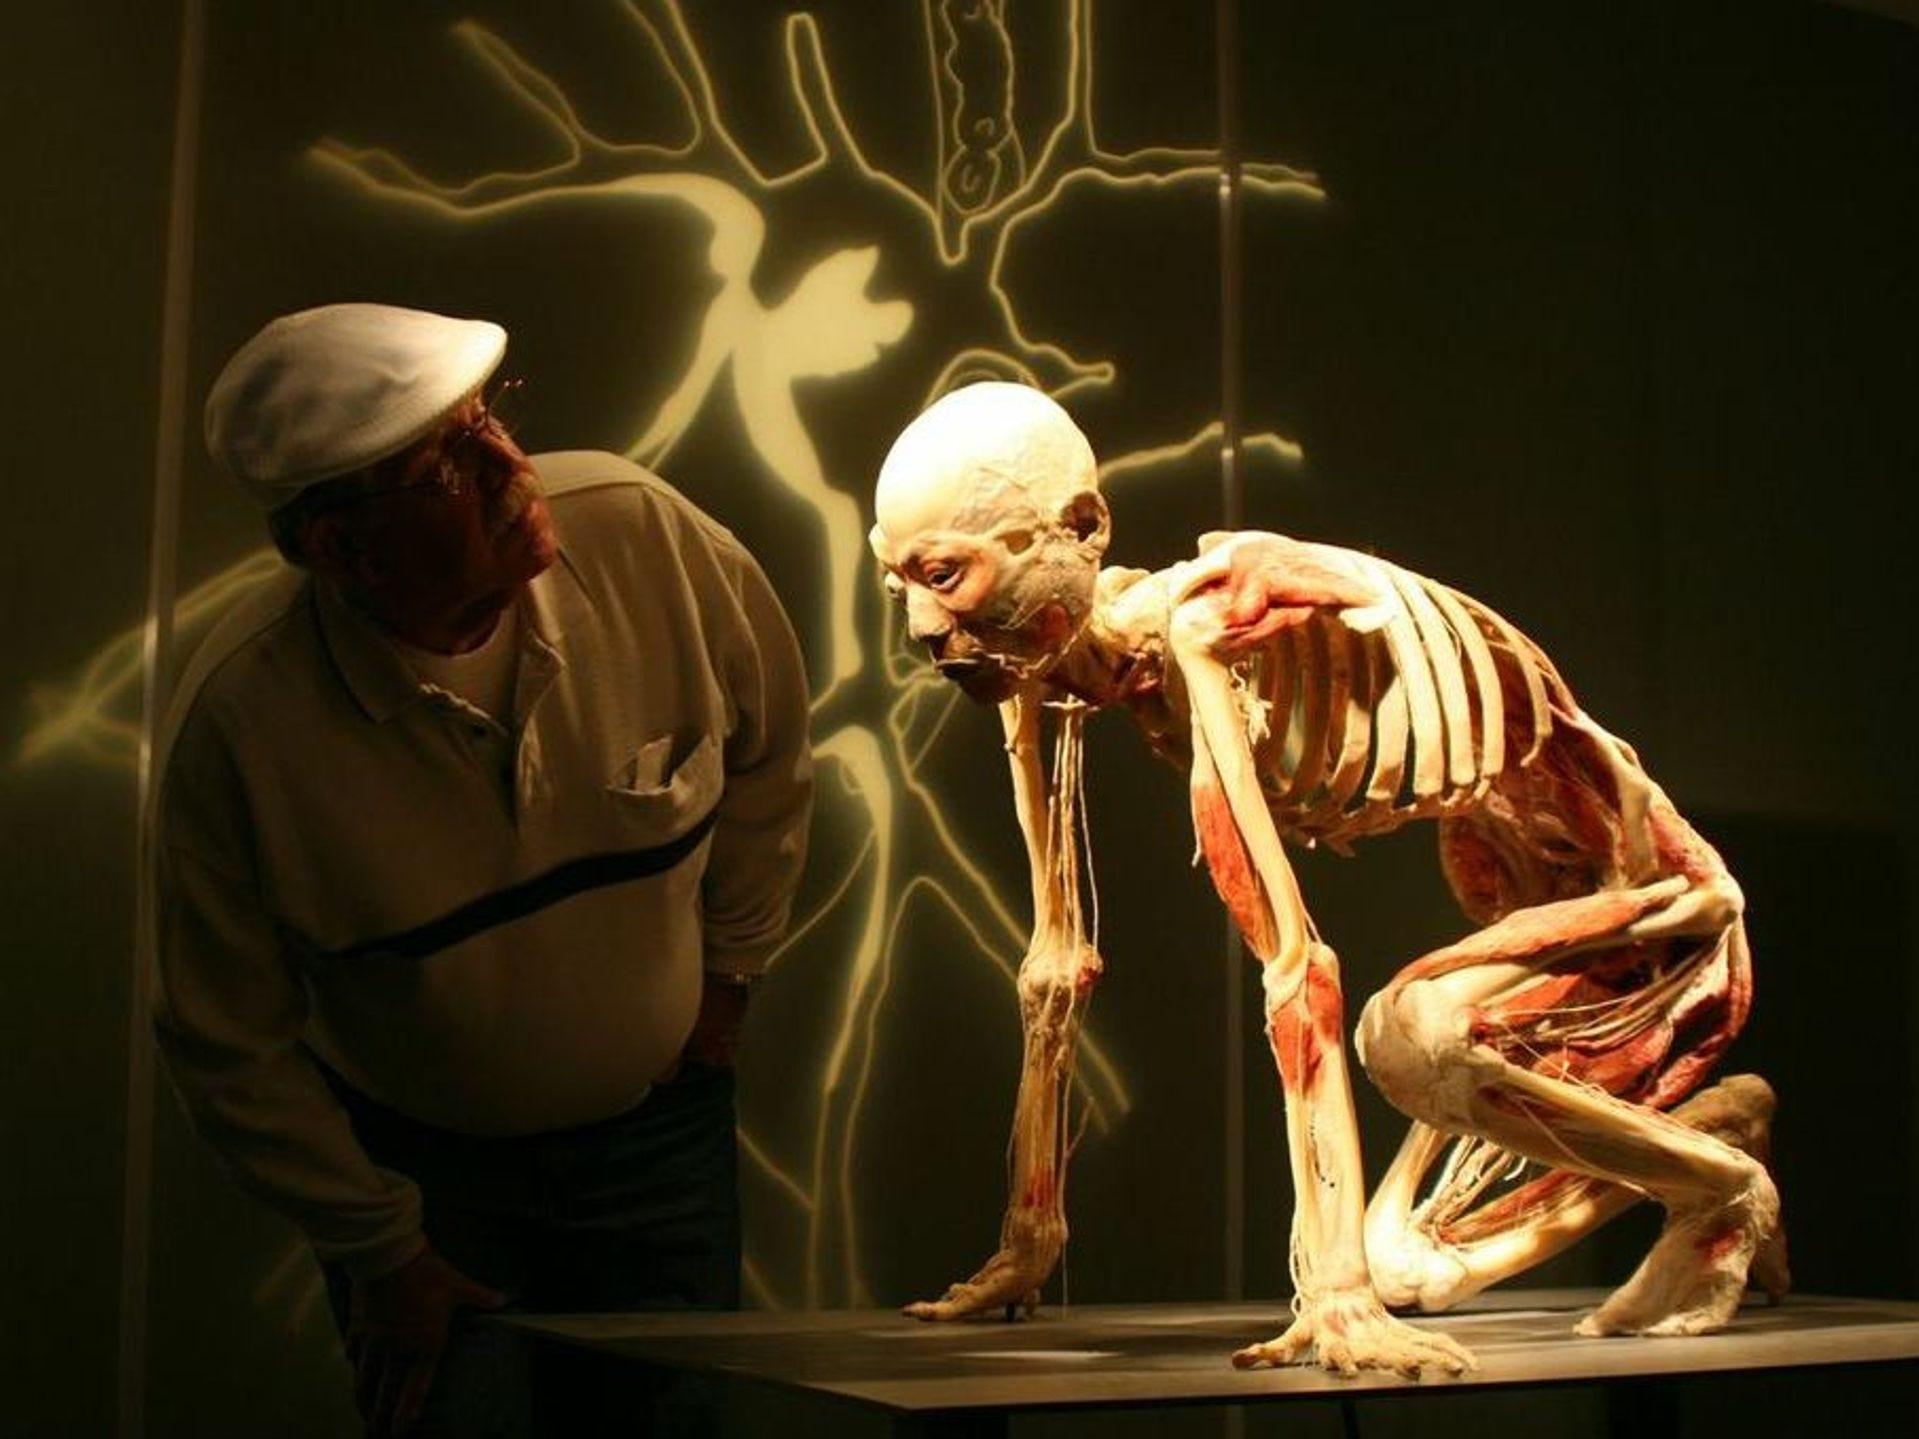 """Los cuerpos son reales, preservados por una técnica llamada """"Preservación de polímeros""""."""